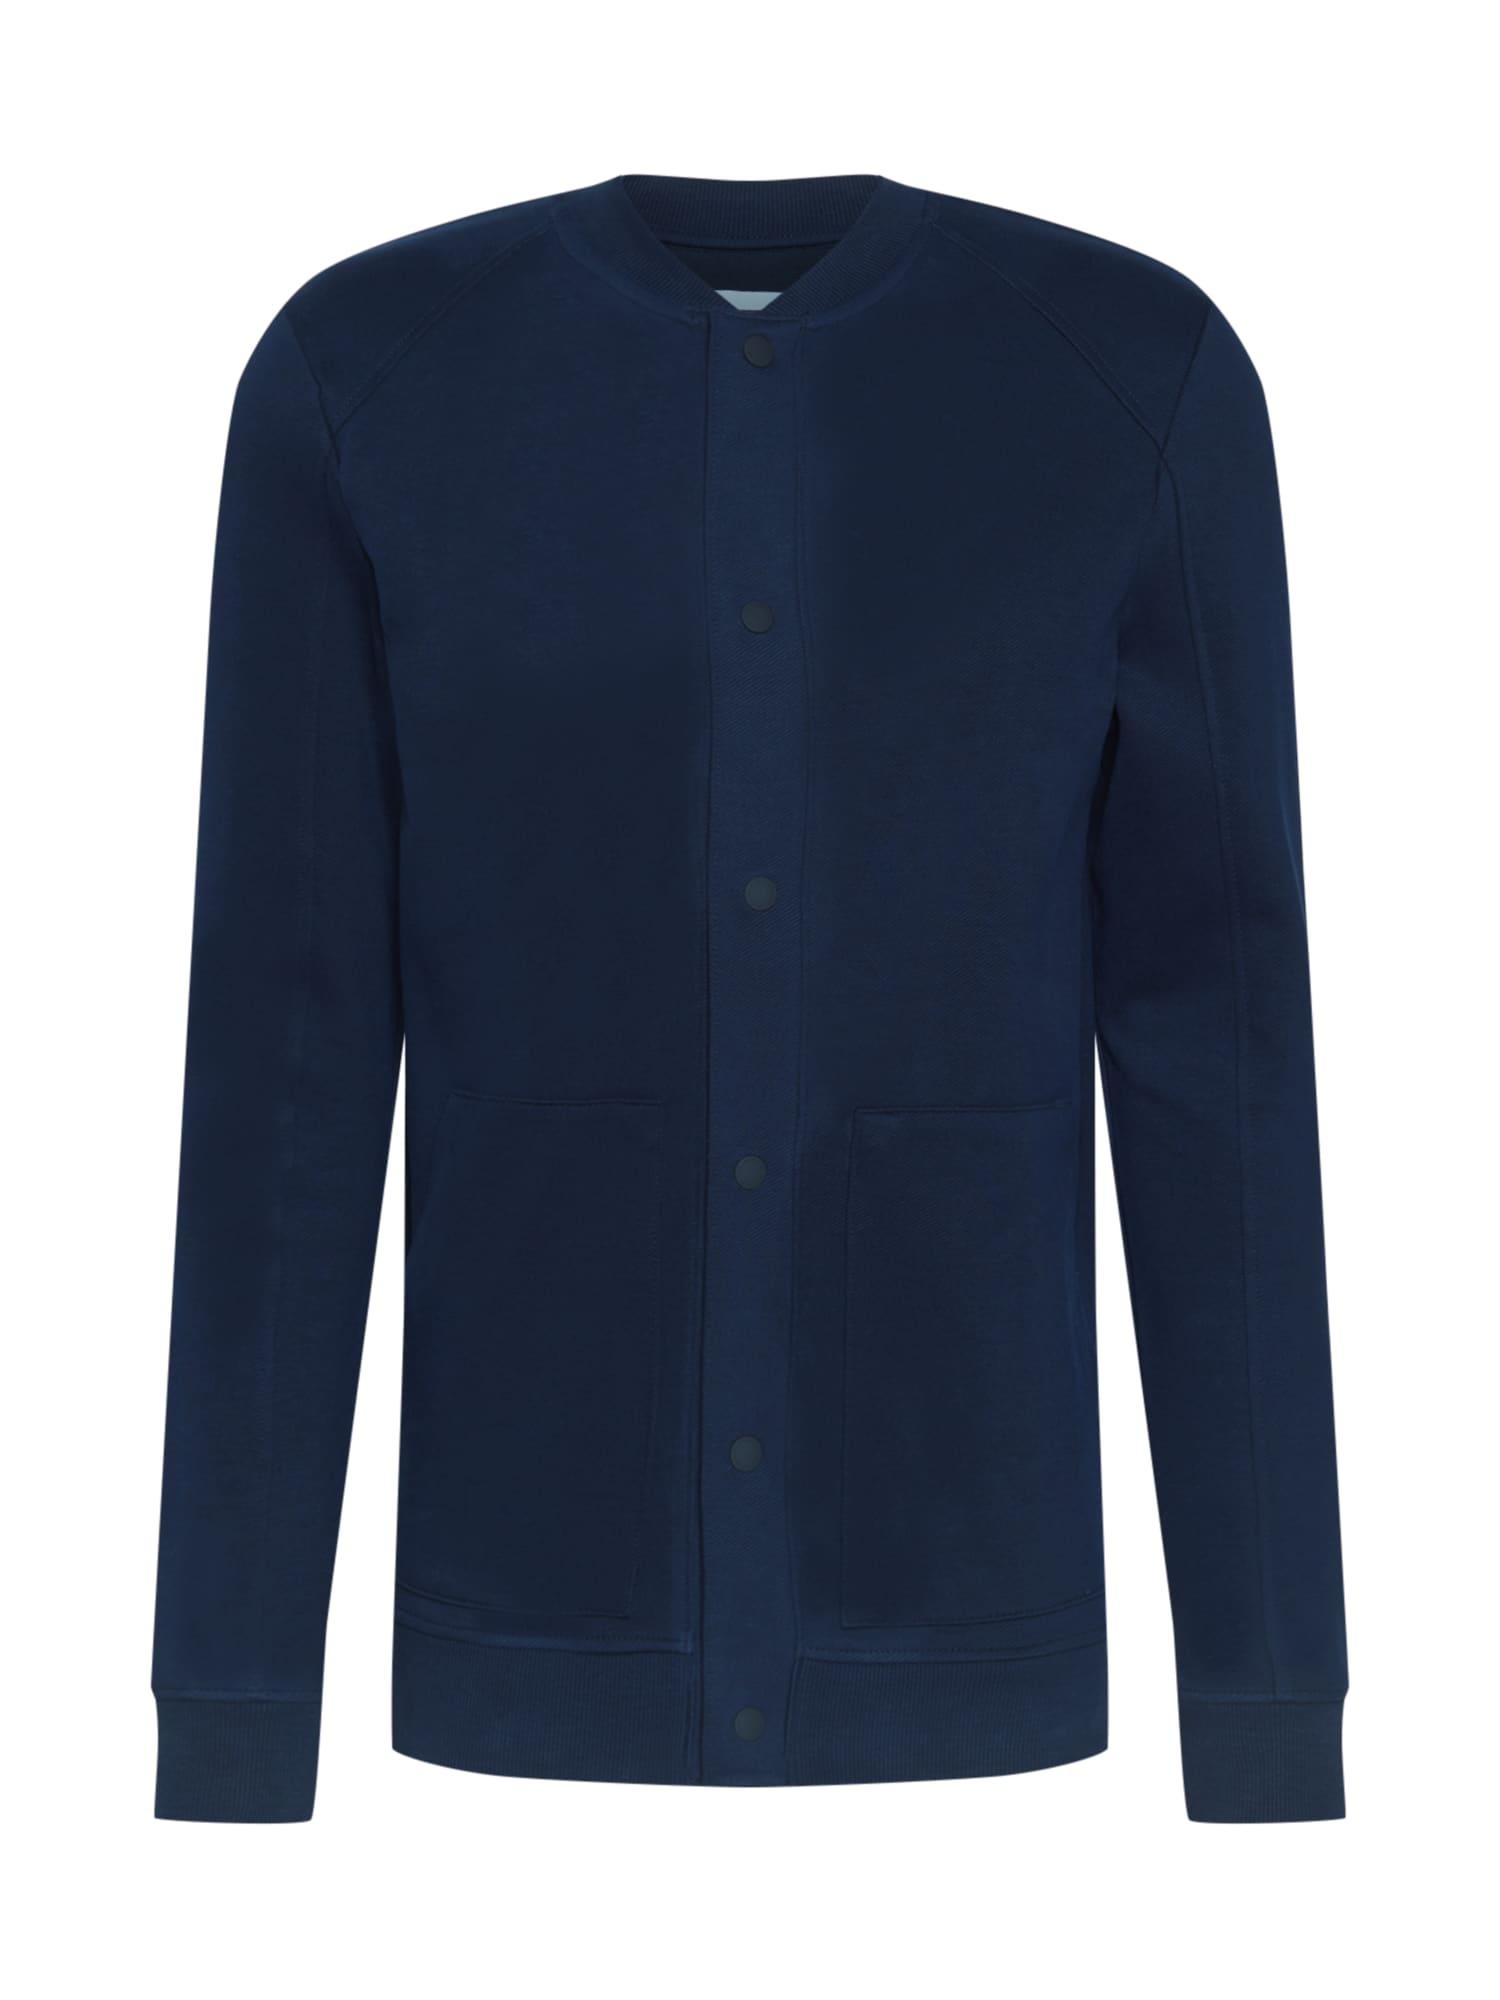 TOM TAILOR DENIM Džemperis tamsiai mėlyna